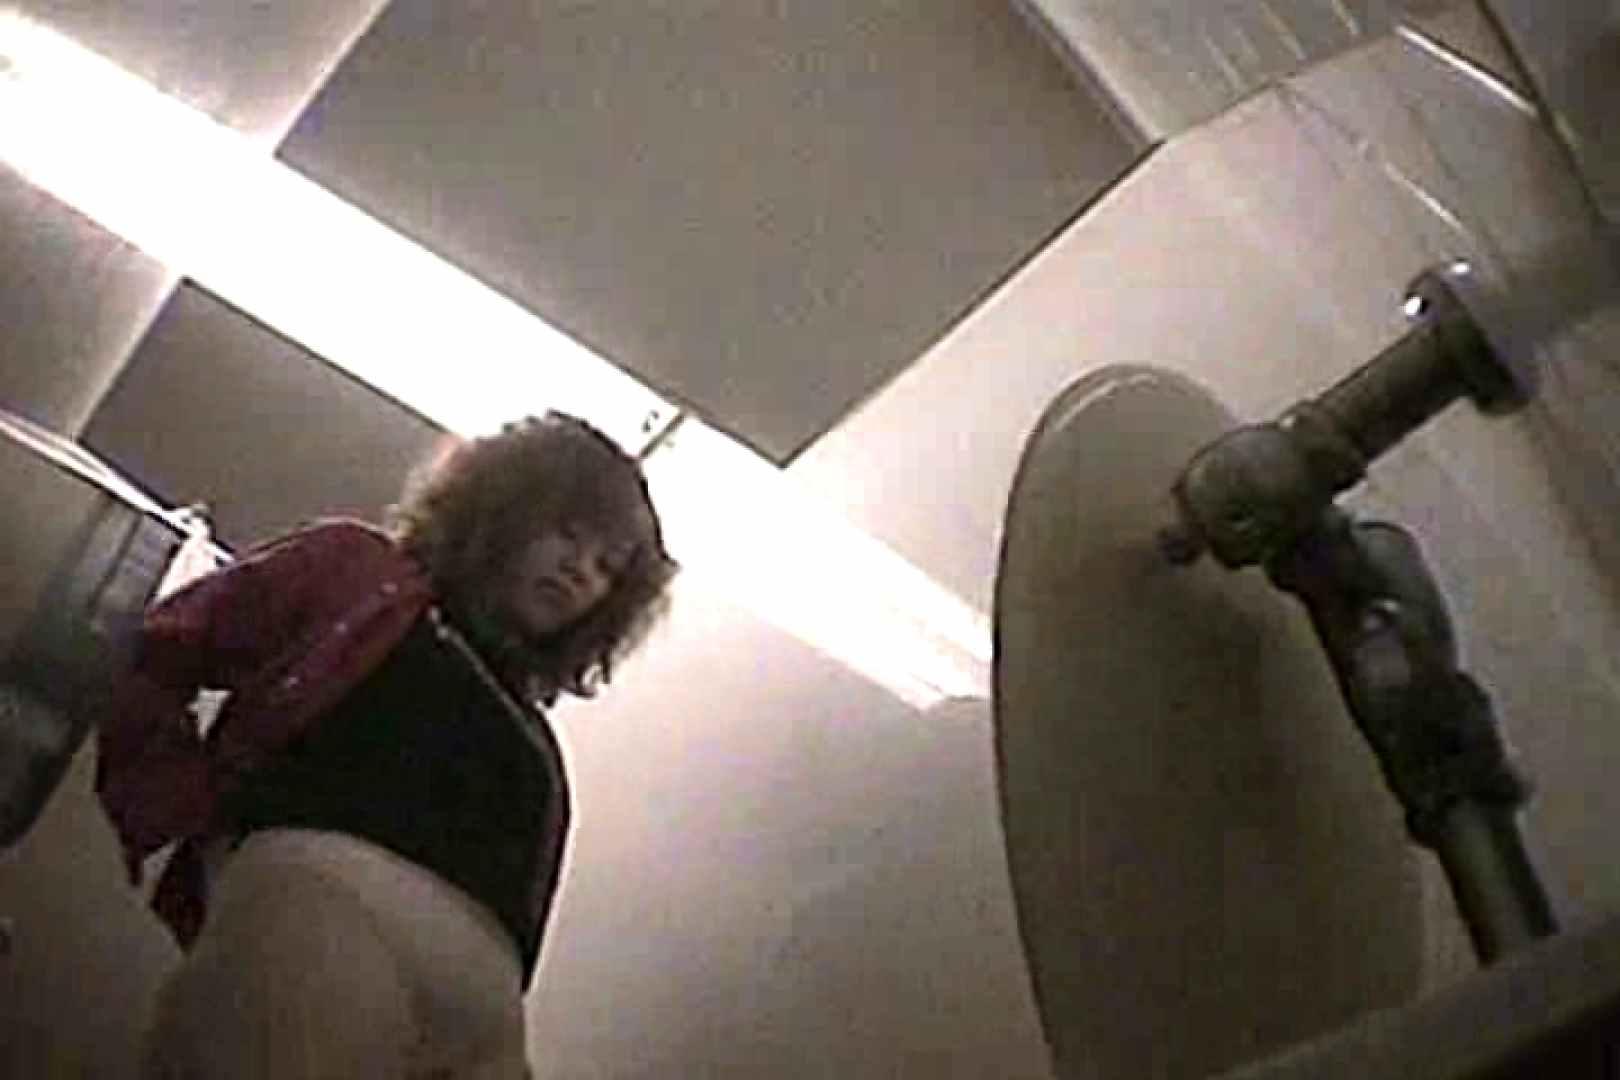 チアリーダーズ洗面所Vol.2 おまんこ丸見え のぞきエロ無料画像 44連発 35